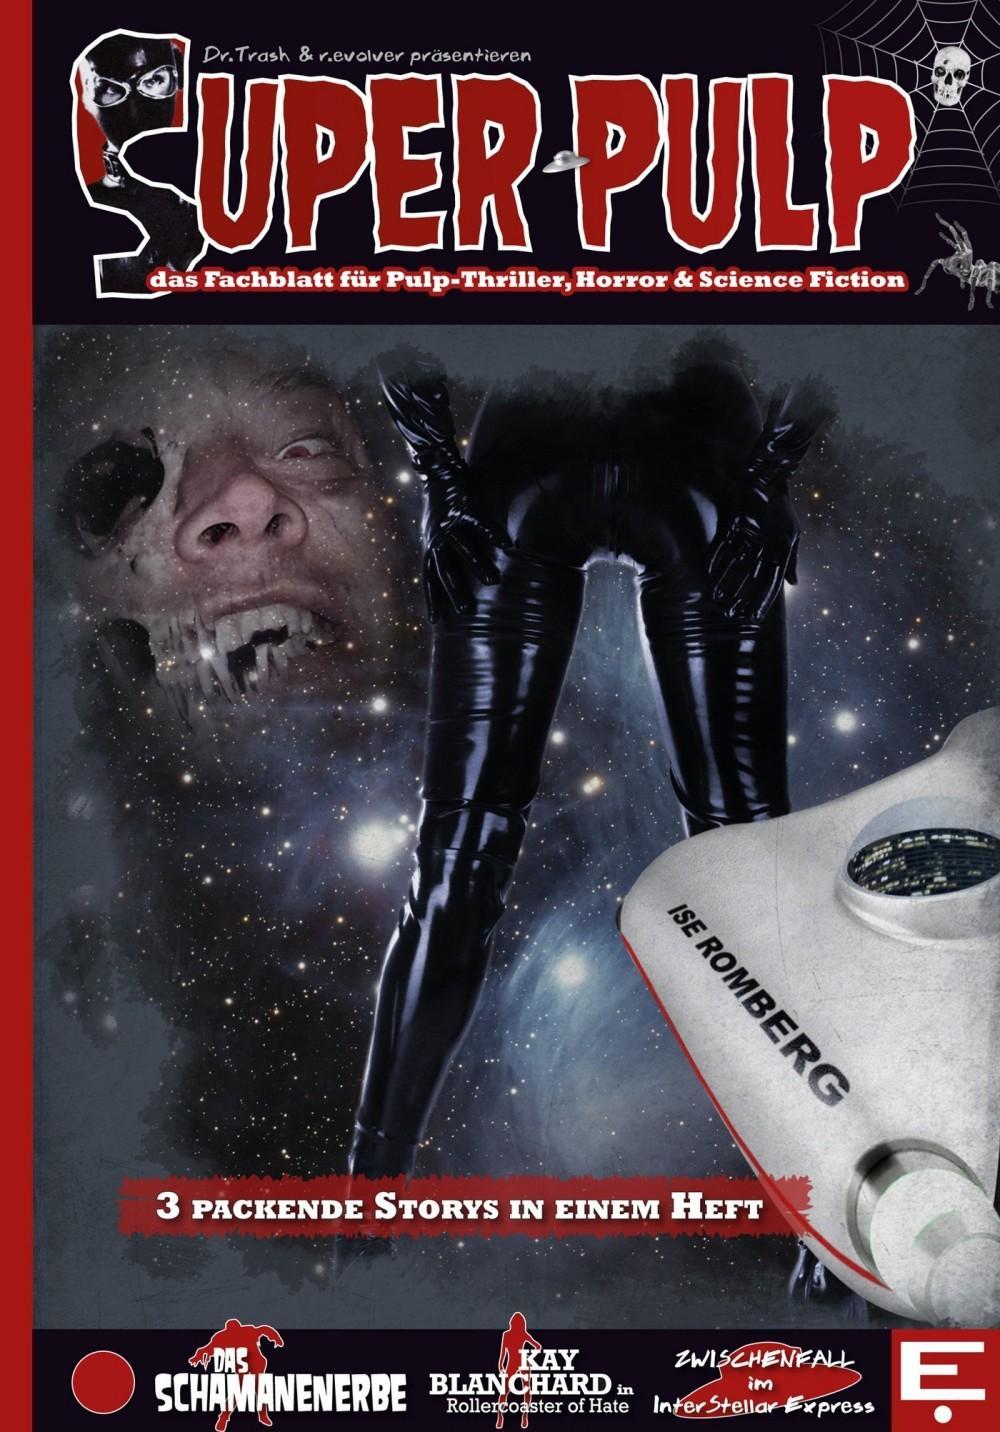 Super Pulp Nr. 1 - mit: einer Cosmo-Pollite-Story